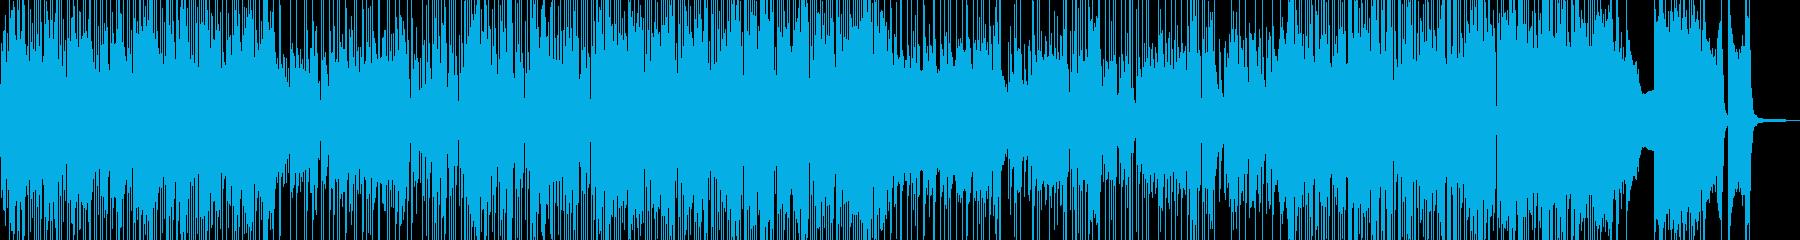 ドライブしたくなるジャズポップ 短尺の再生済みの波形